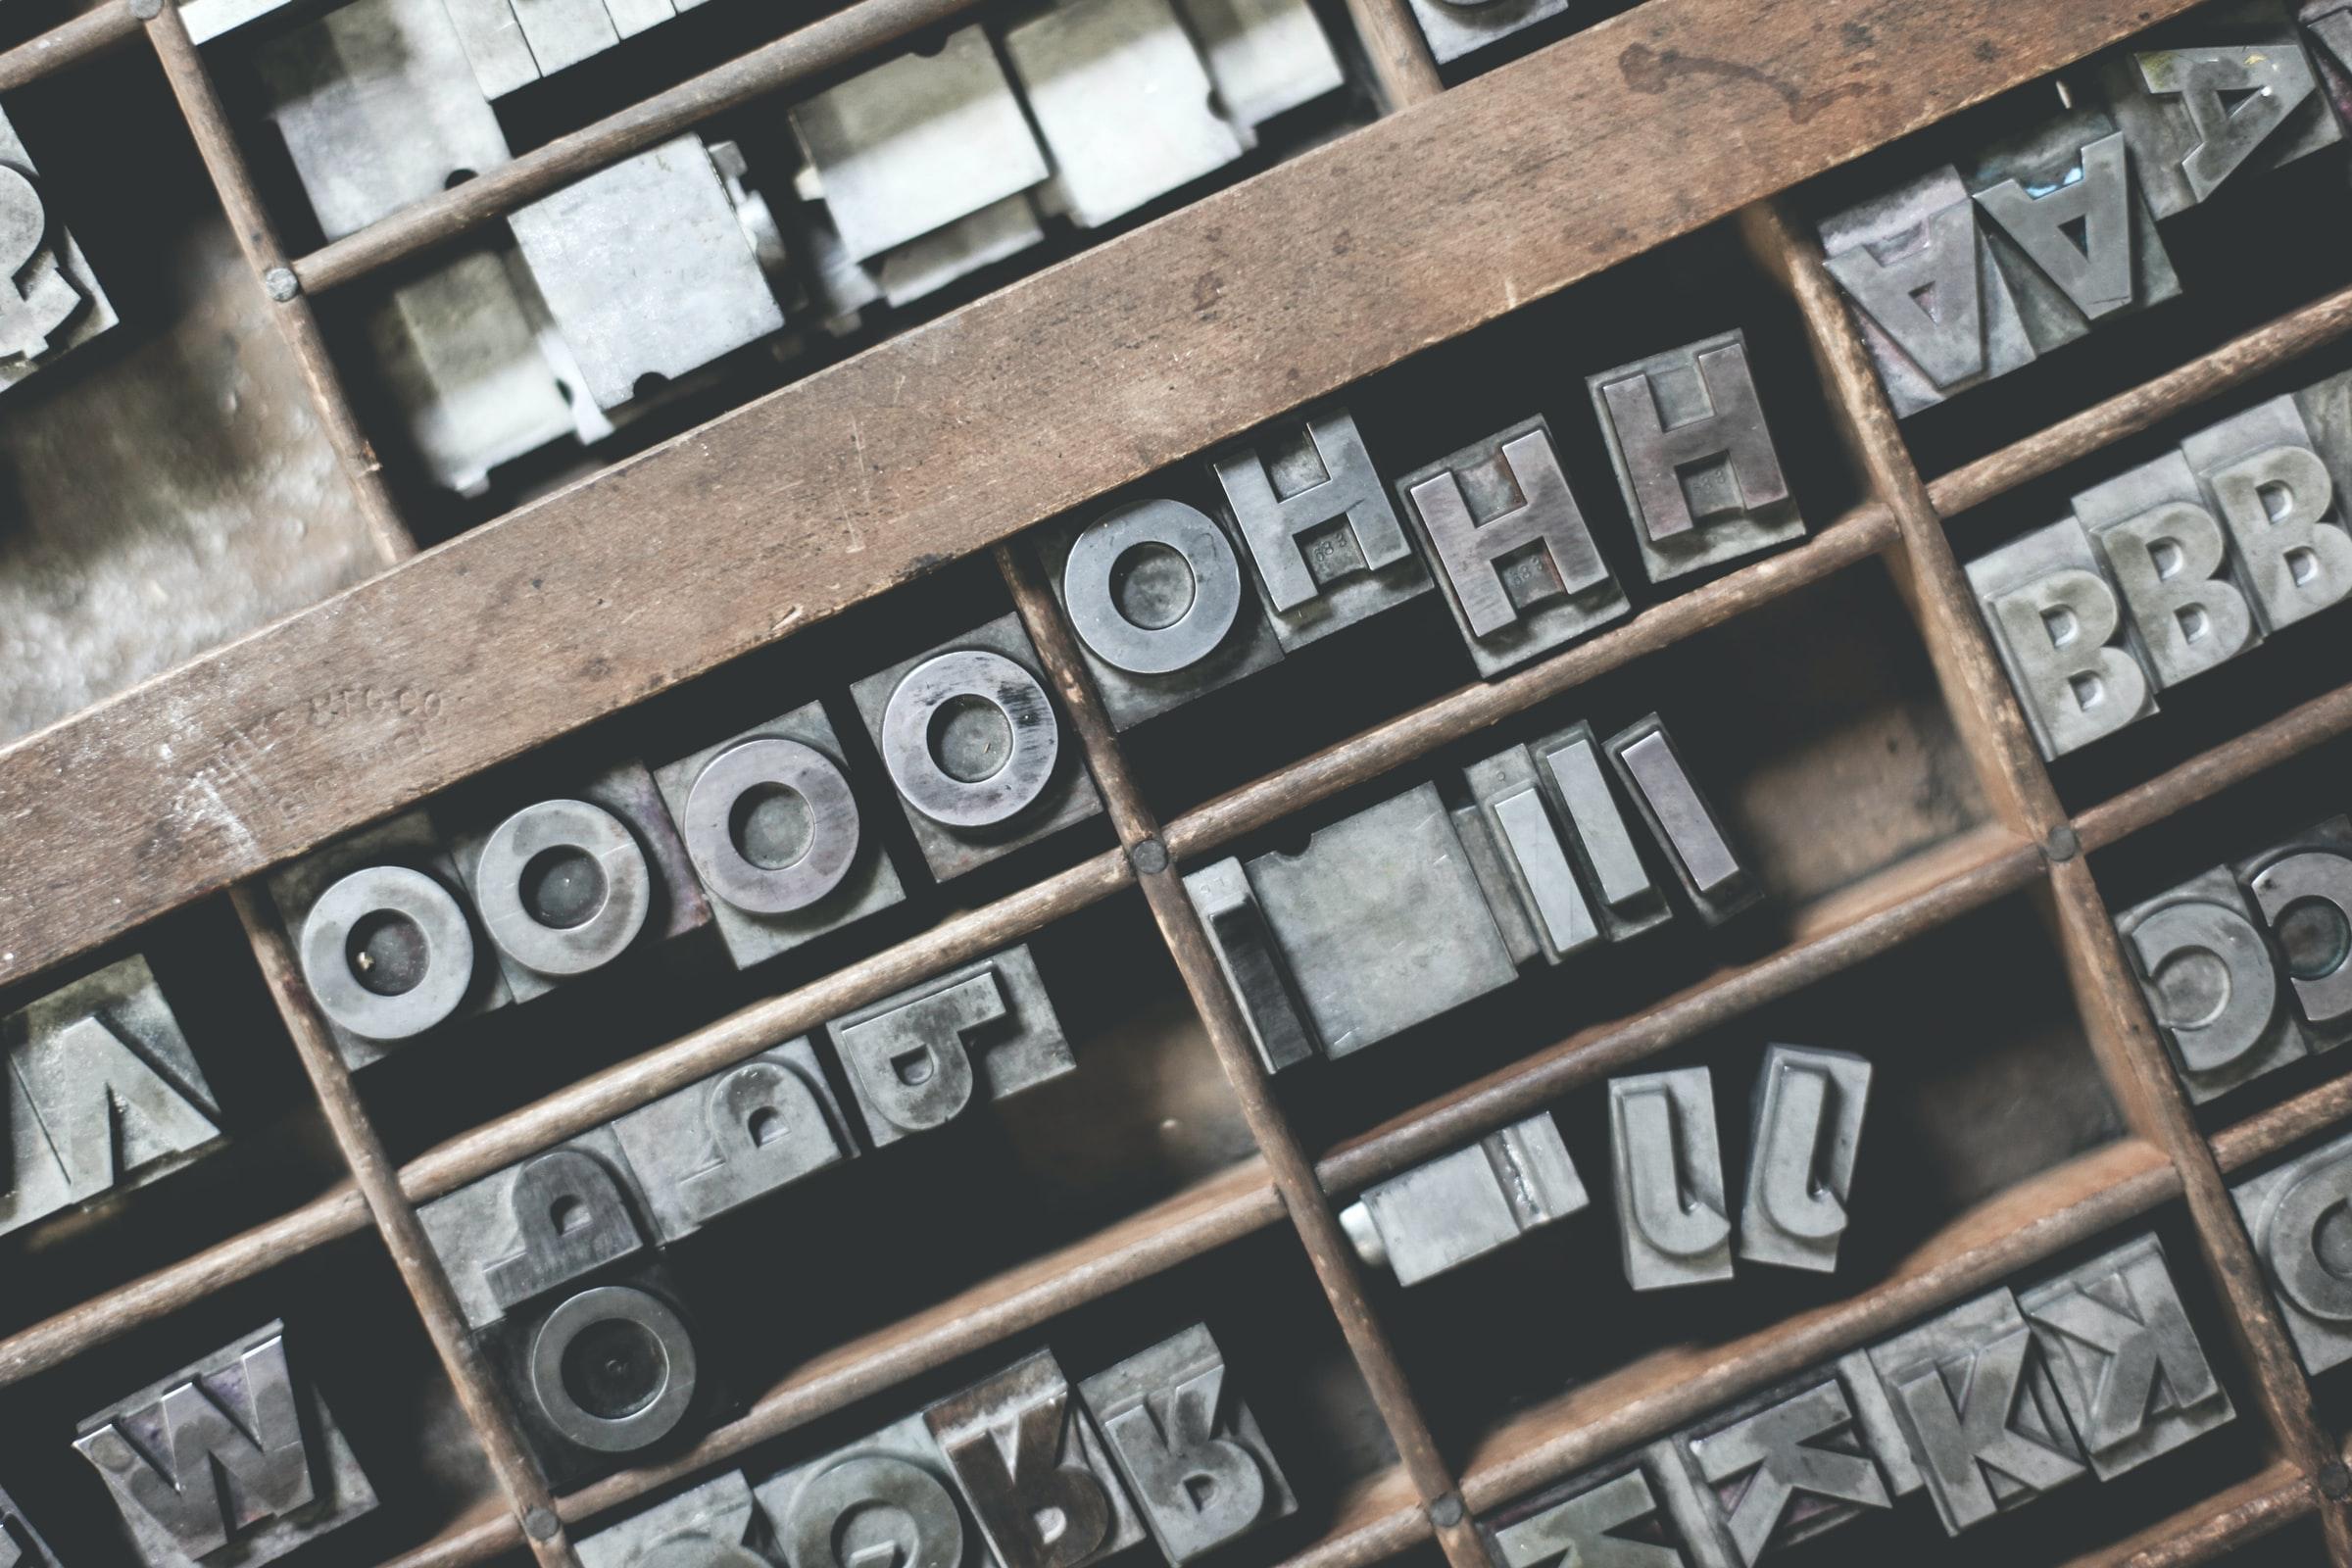 theme-template-wordpress-wp-gratuit-entièrement-ultra-personnalisable-portfolio-2020-free-premium-minimaliste-telecharger-collection-font-police